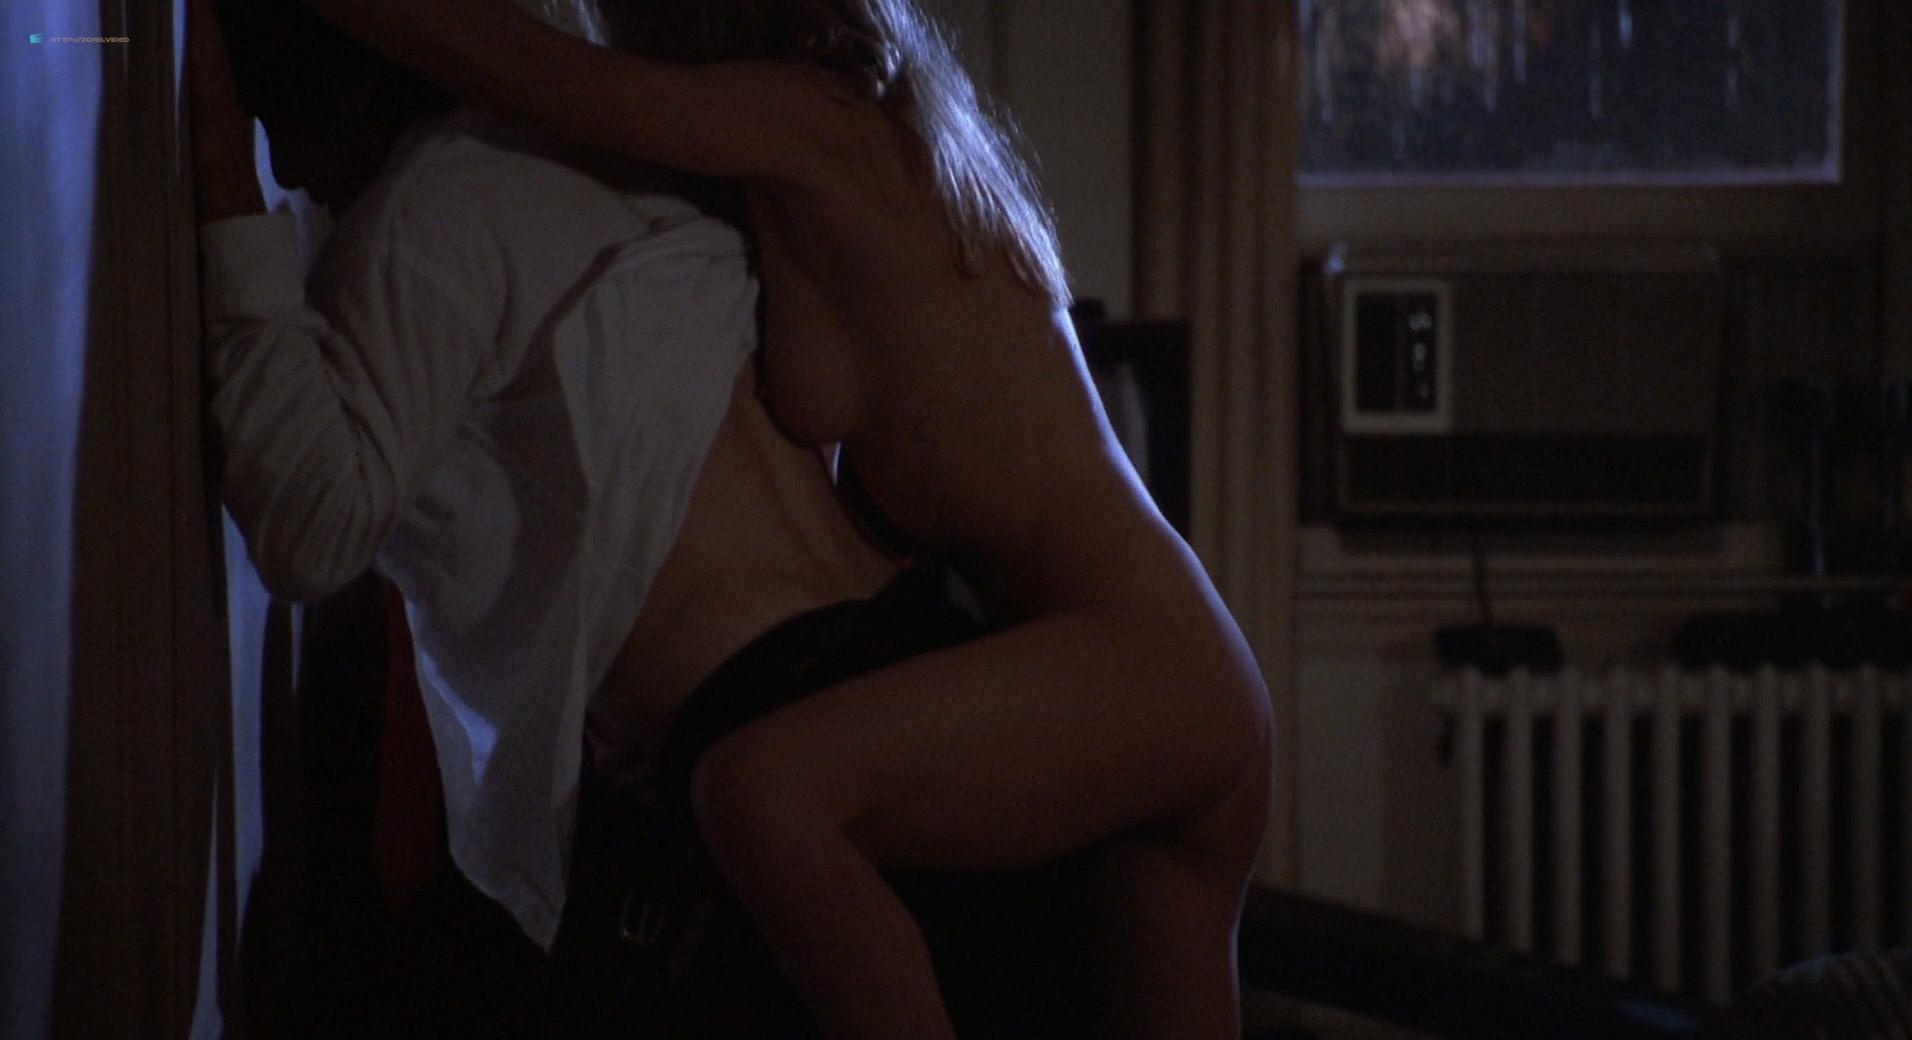 Tiny leotard ellen muth nude scene nude